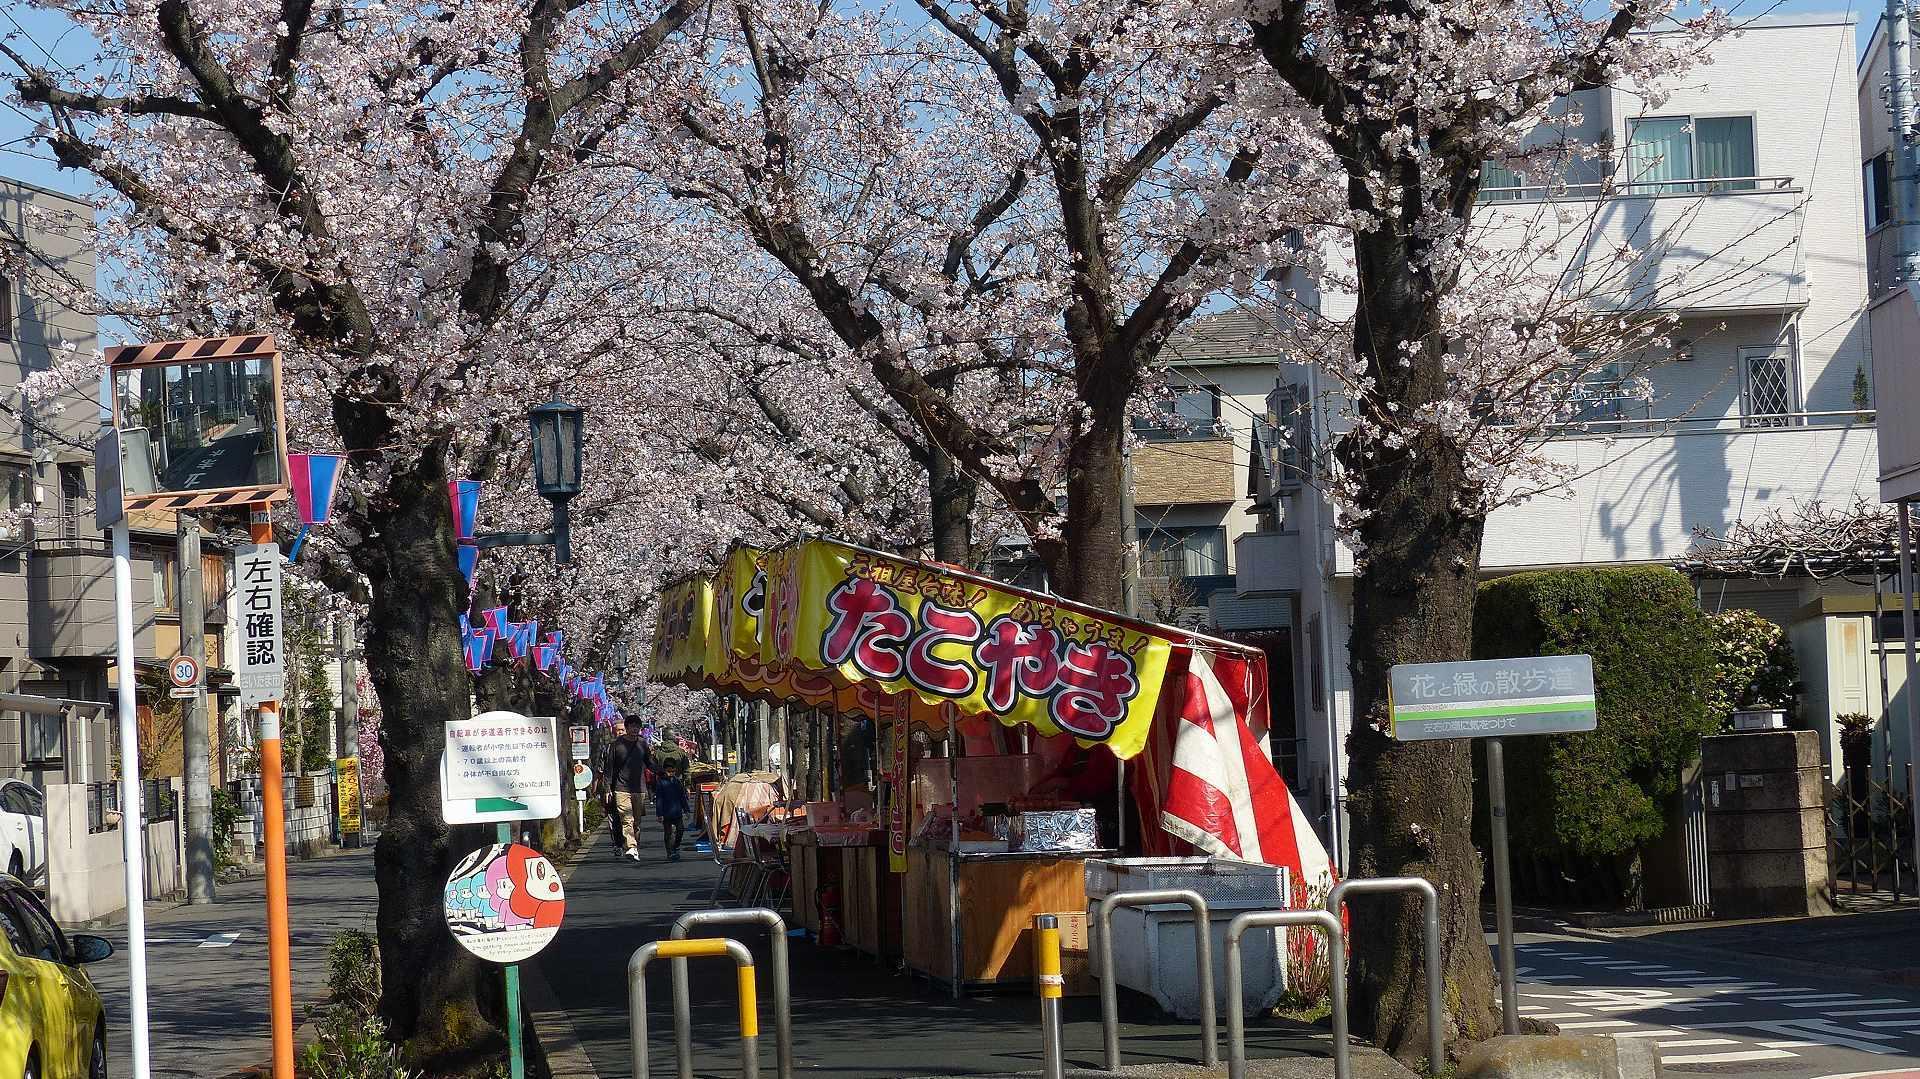 桜の便りに誘われて 【 2018 3/25(日) 】_a0185081_15140616.jpg